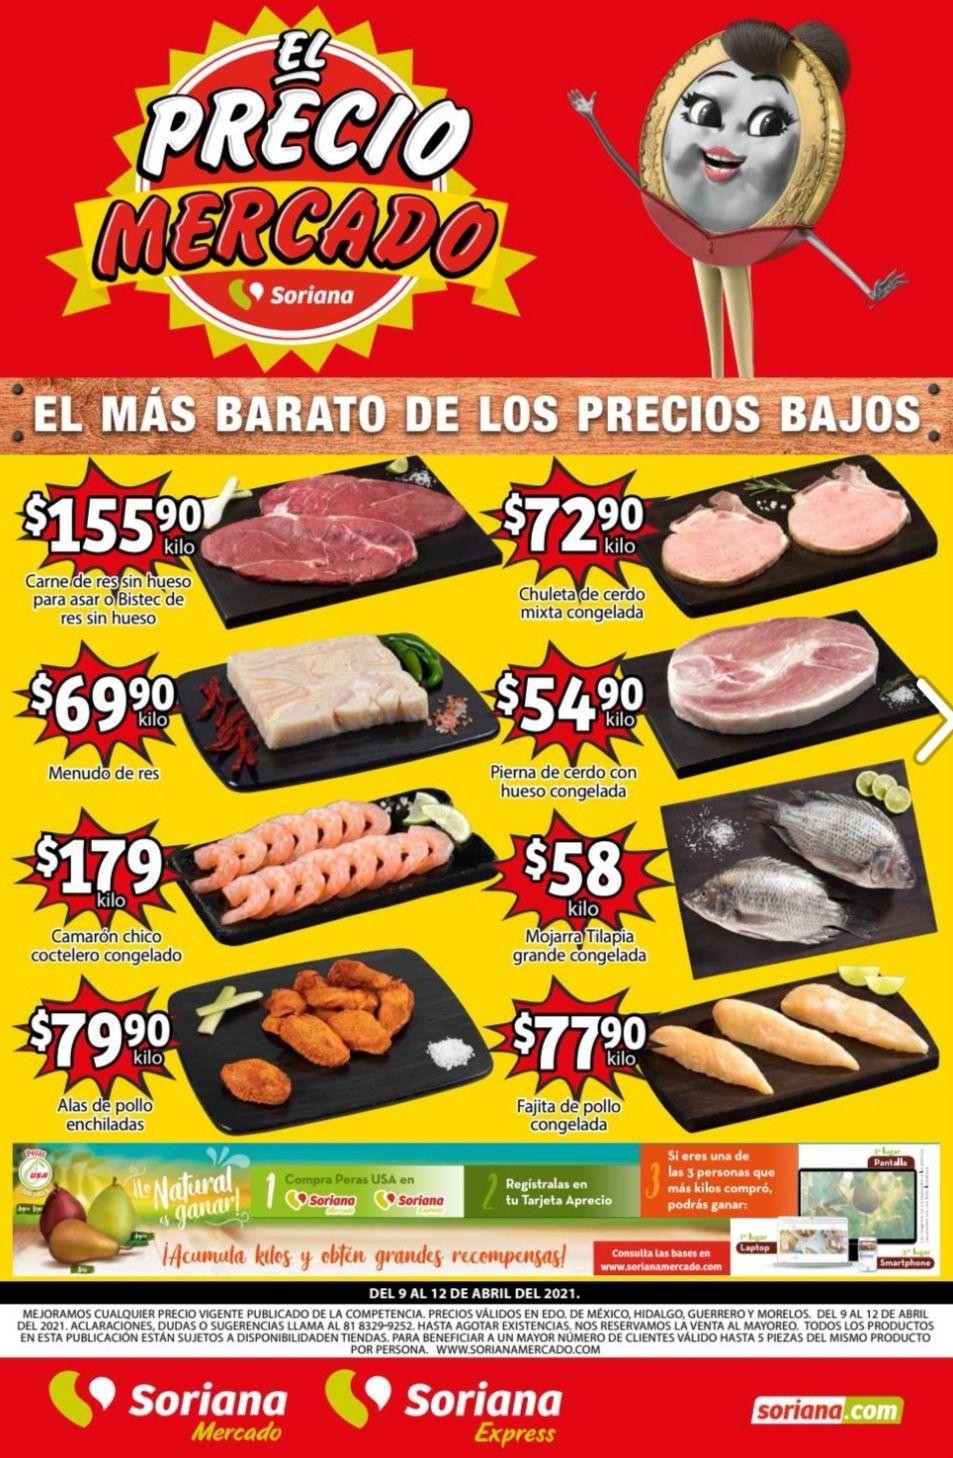 Soriana Mercado y Express: Volante de Ofertas Fin de Semana del Viernes 9 al Lunes 12 de Abril